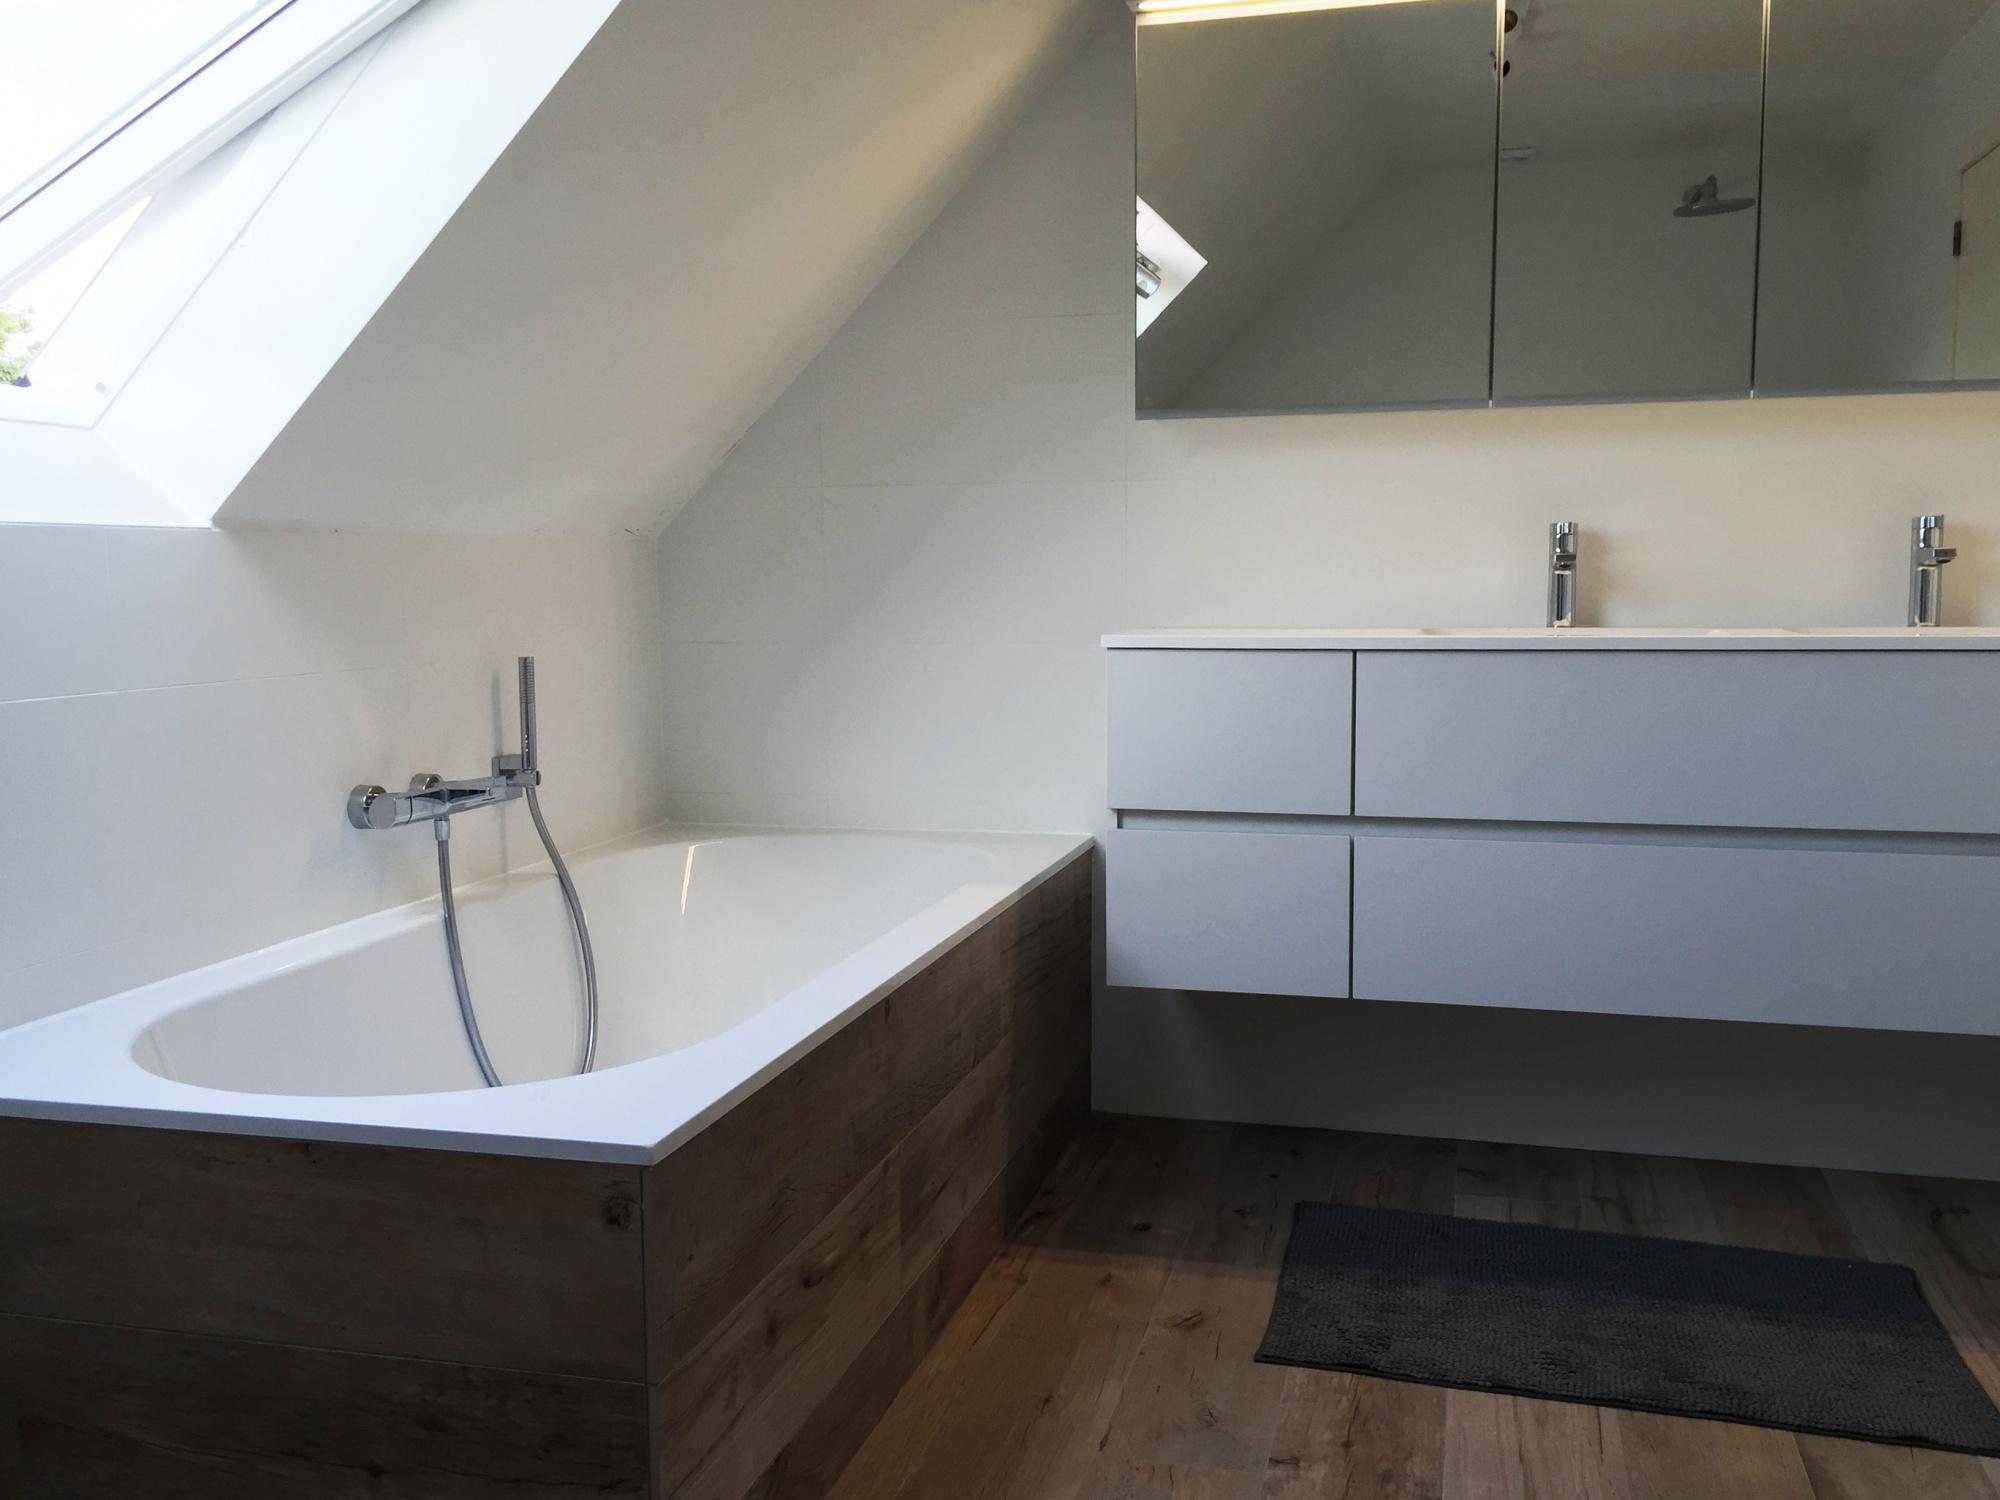 Verwarming sanitair badkamers installatiebedrijf van den berg hoogstraten - Tub onder dak ...